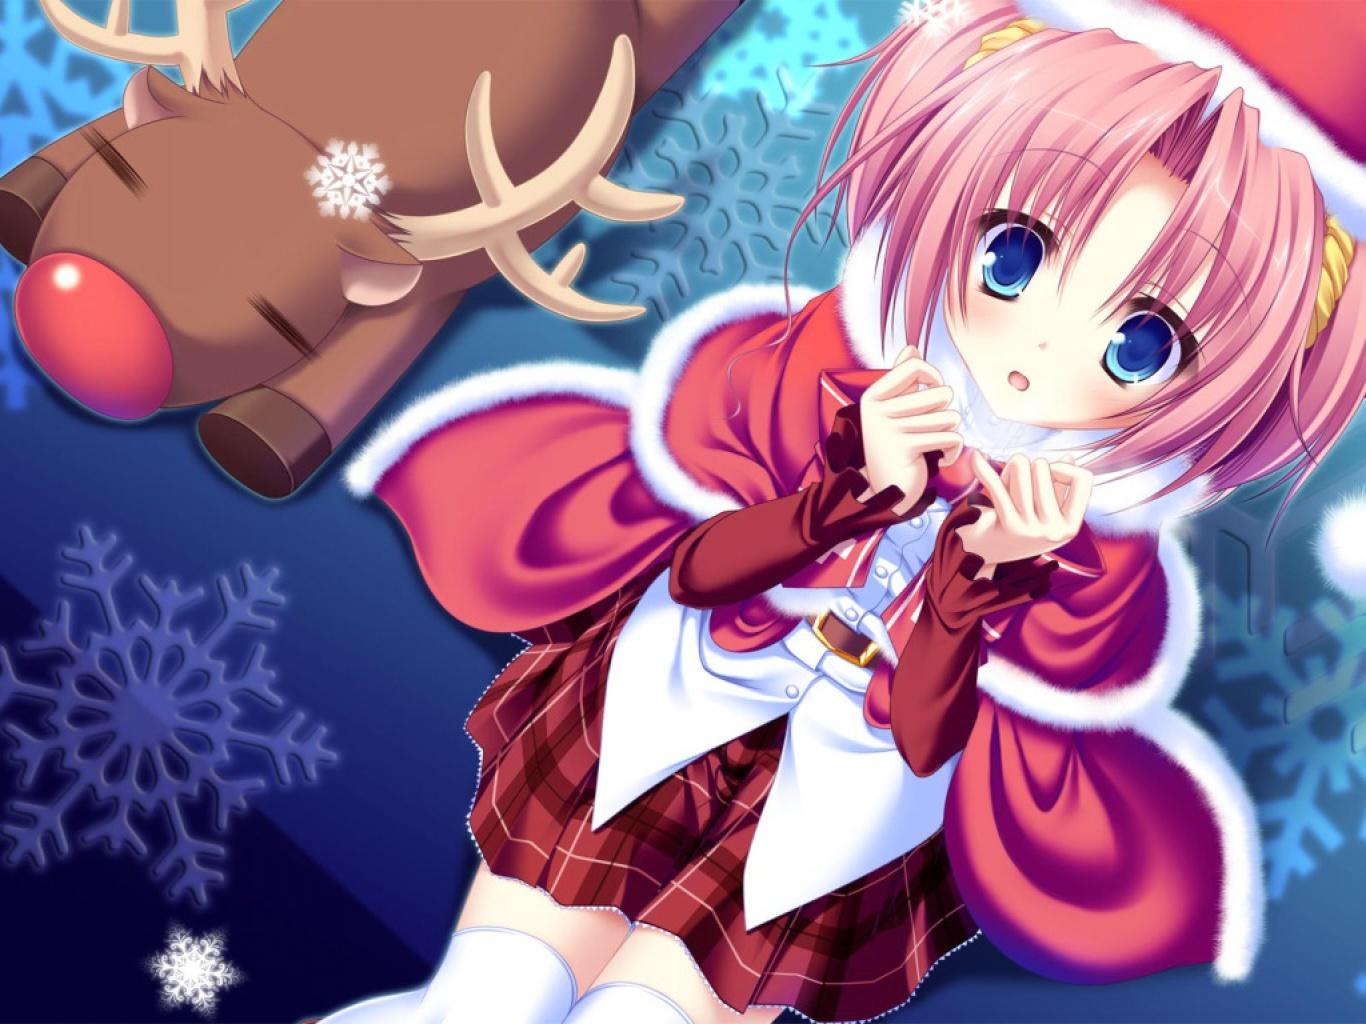 Imágenes De Chicas Anime Fondos De Chicas Anime Wallpapers